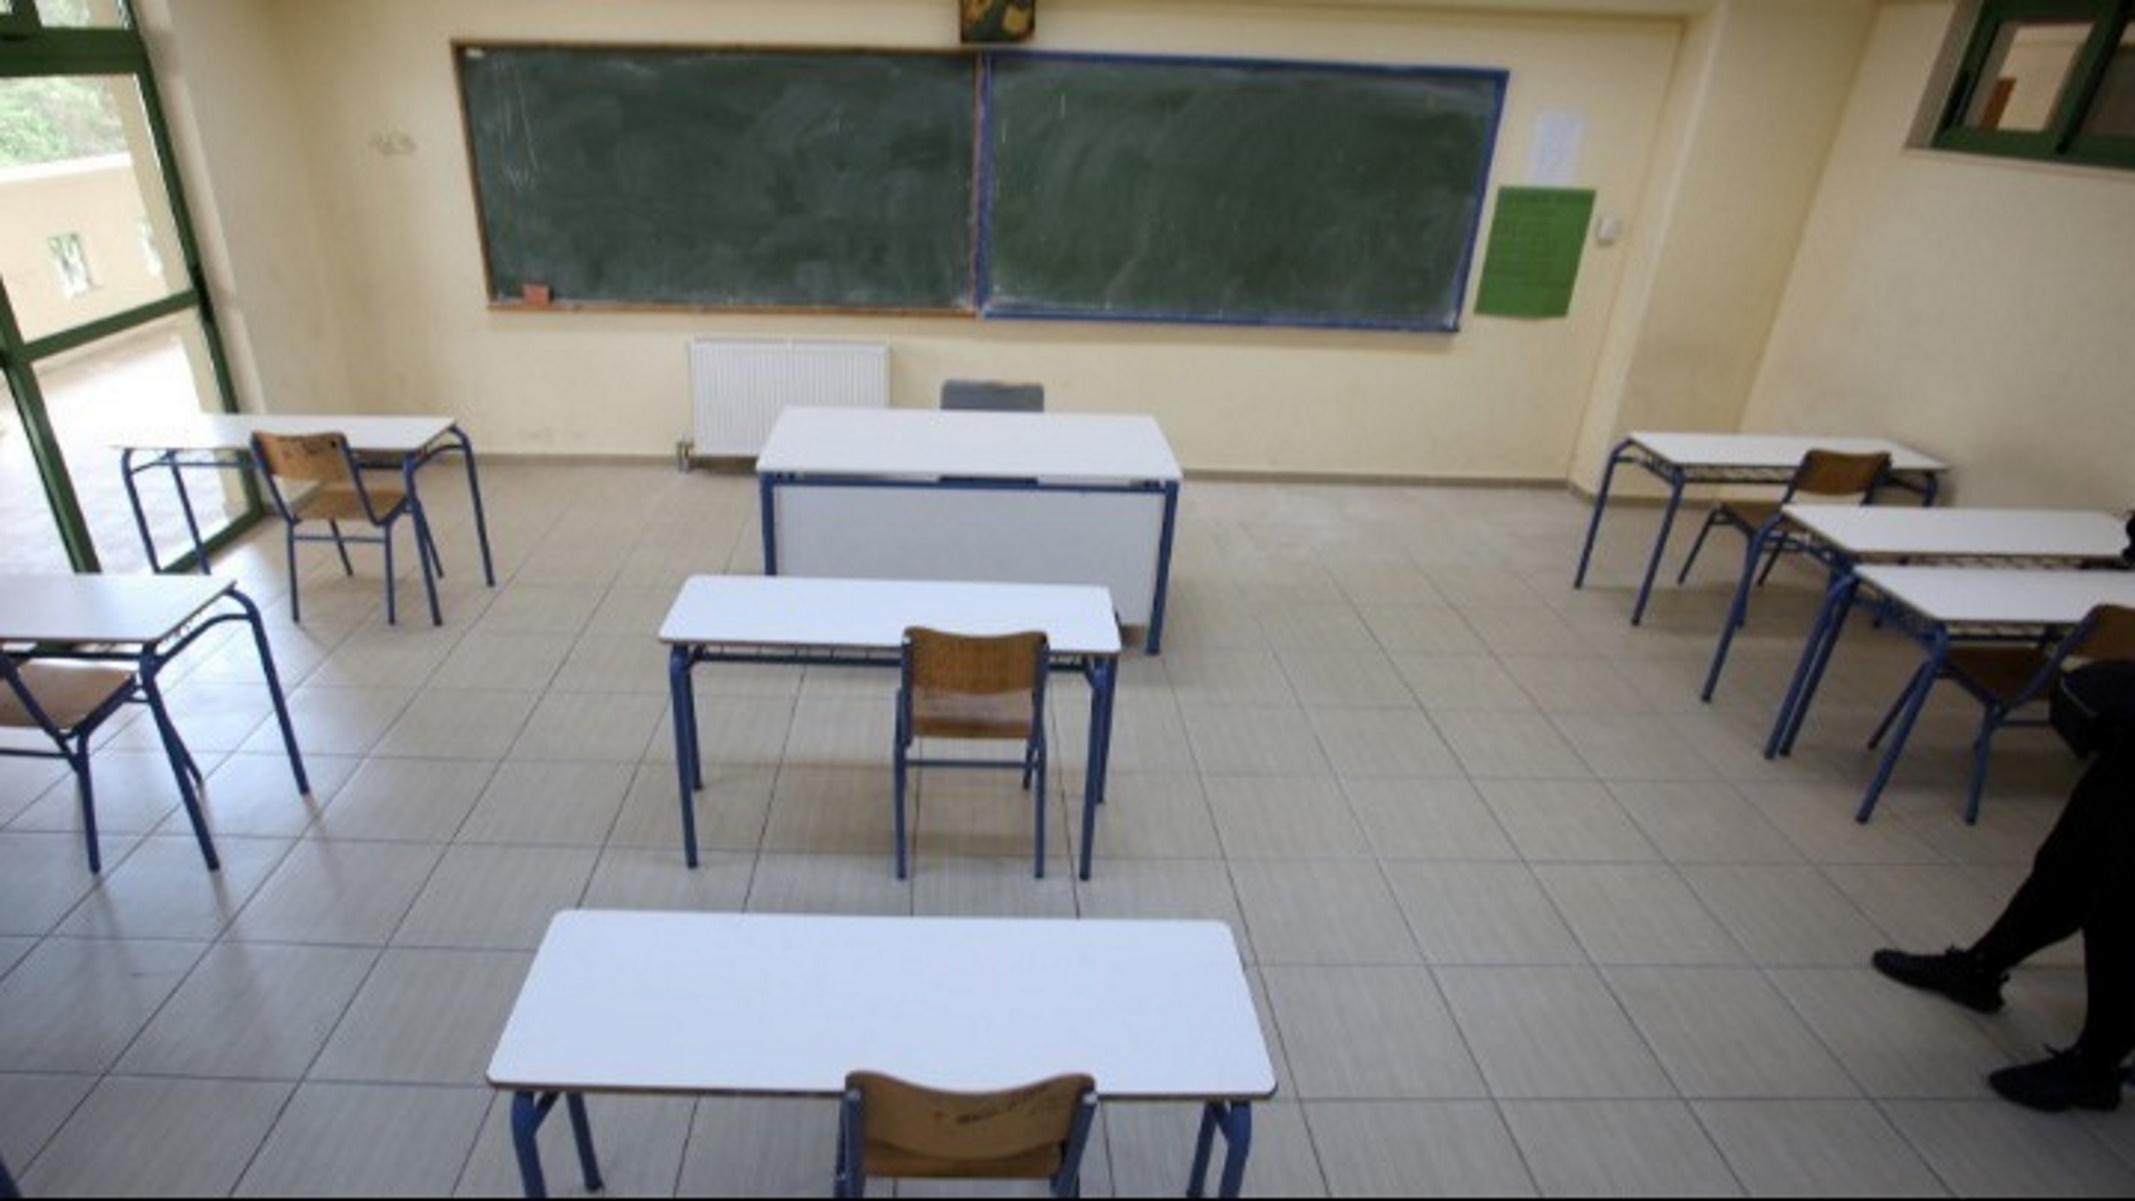 Τροπολογία: Έτσι θα μπαίνουν στα σχολεία οι εκπαιδευτικοί – Πότε θα τίθενται σε αναστολή άνευ αποδοχών